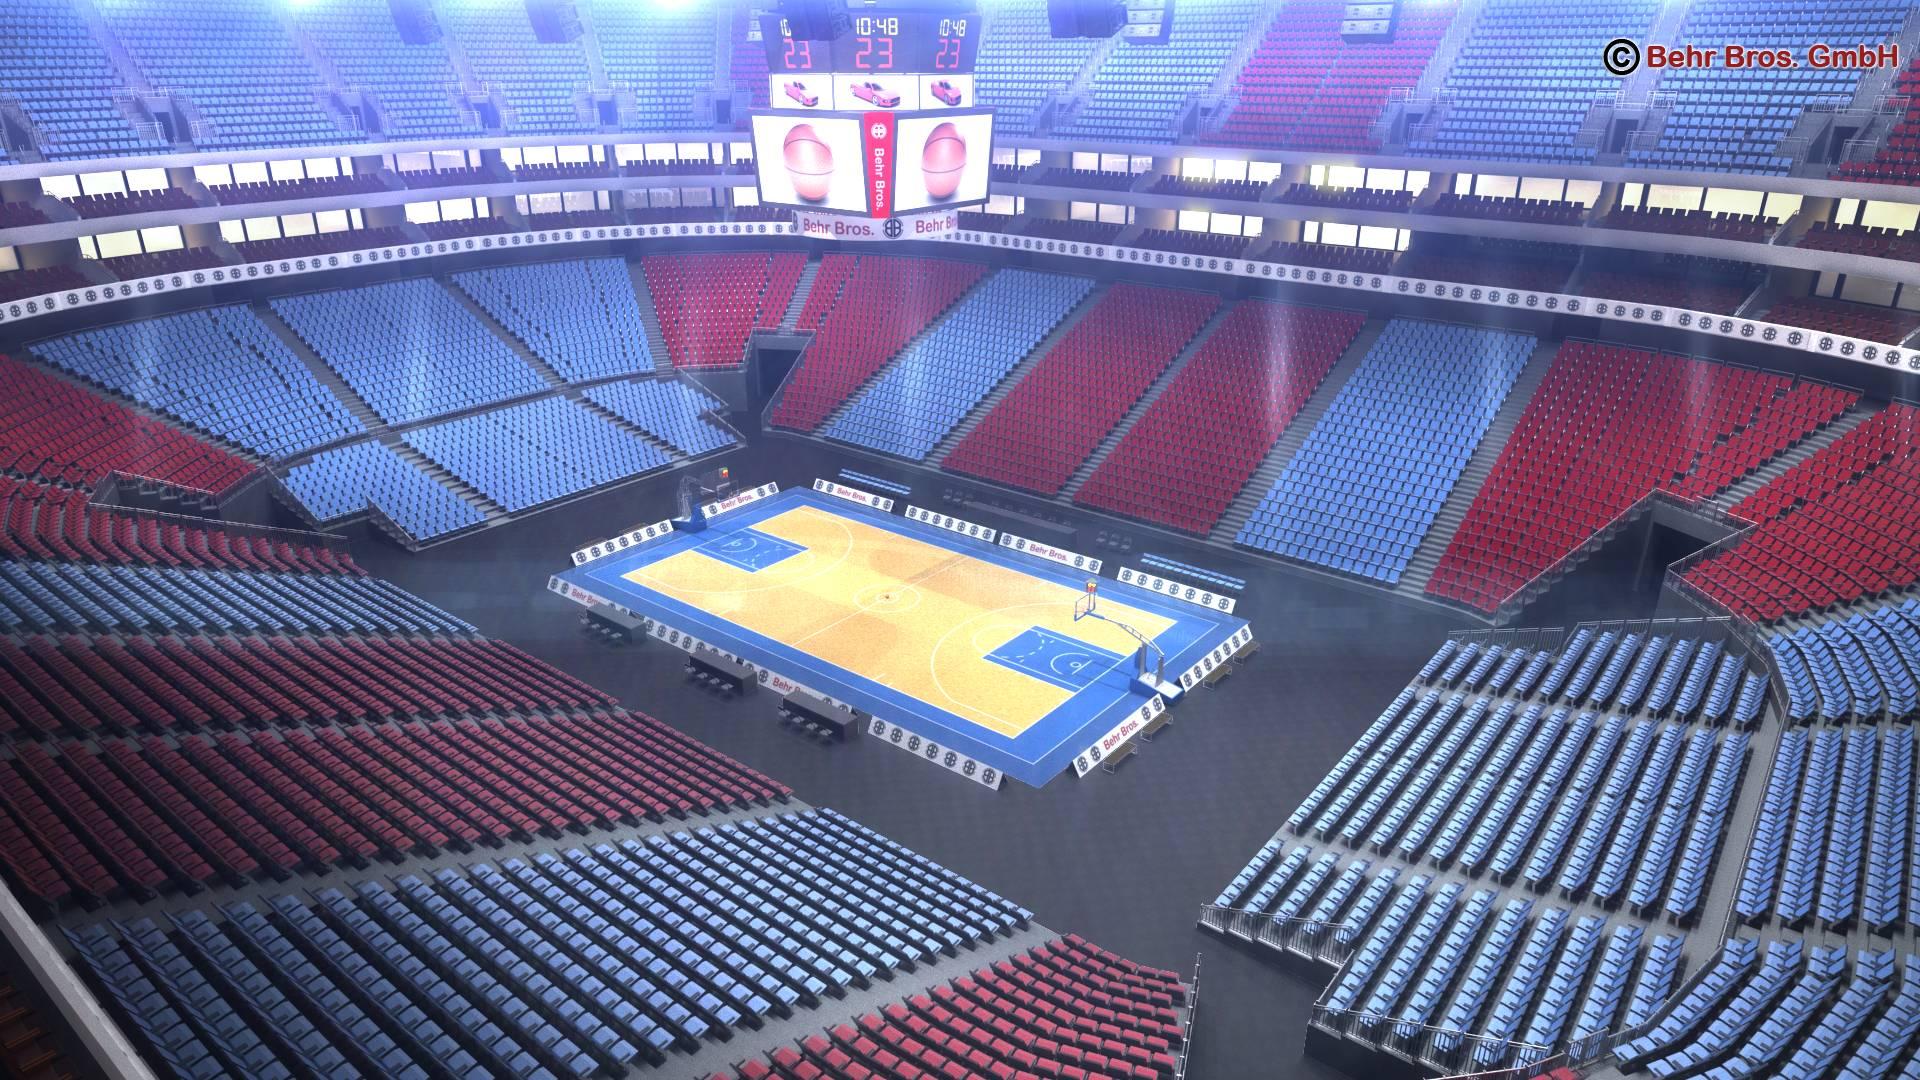 košarkaška arena v2 3d model 3ds max fbx c4d lwo ma mb obj 222364